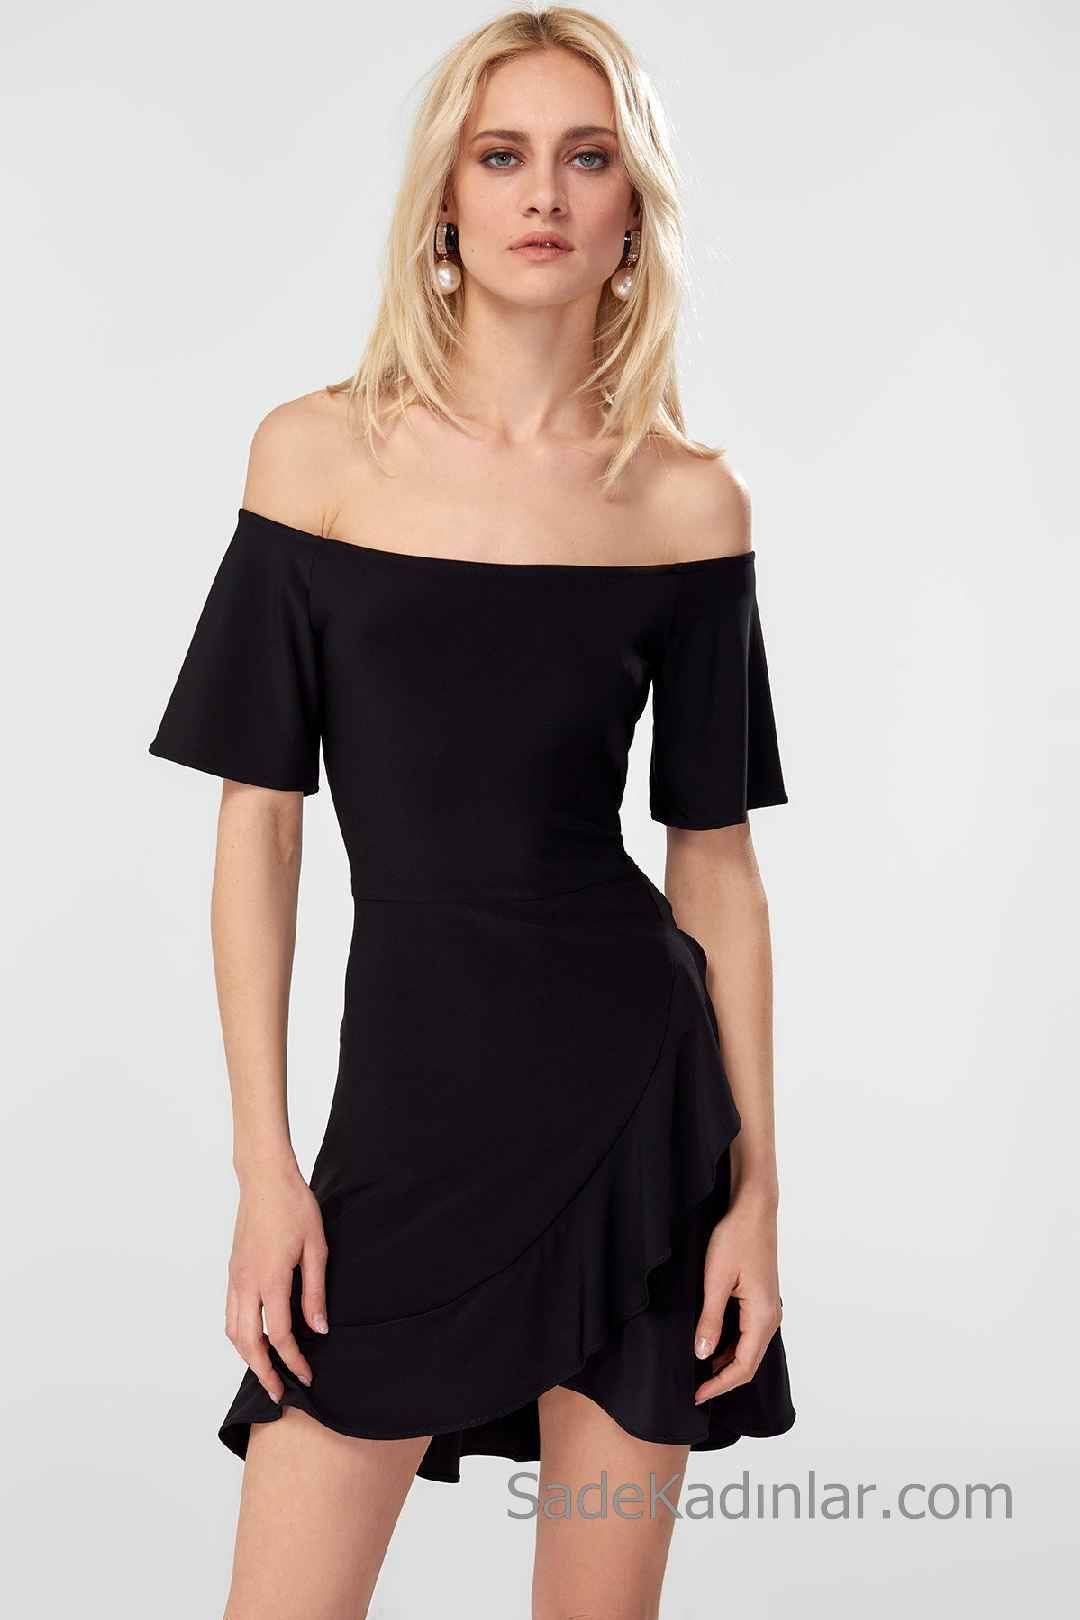 166724db075a4 2020 Siyah Kısa Abiye Elbise Modelleri Omzu Açık Düşük Kol Katlamalı ...